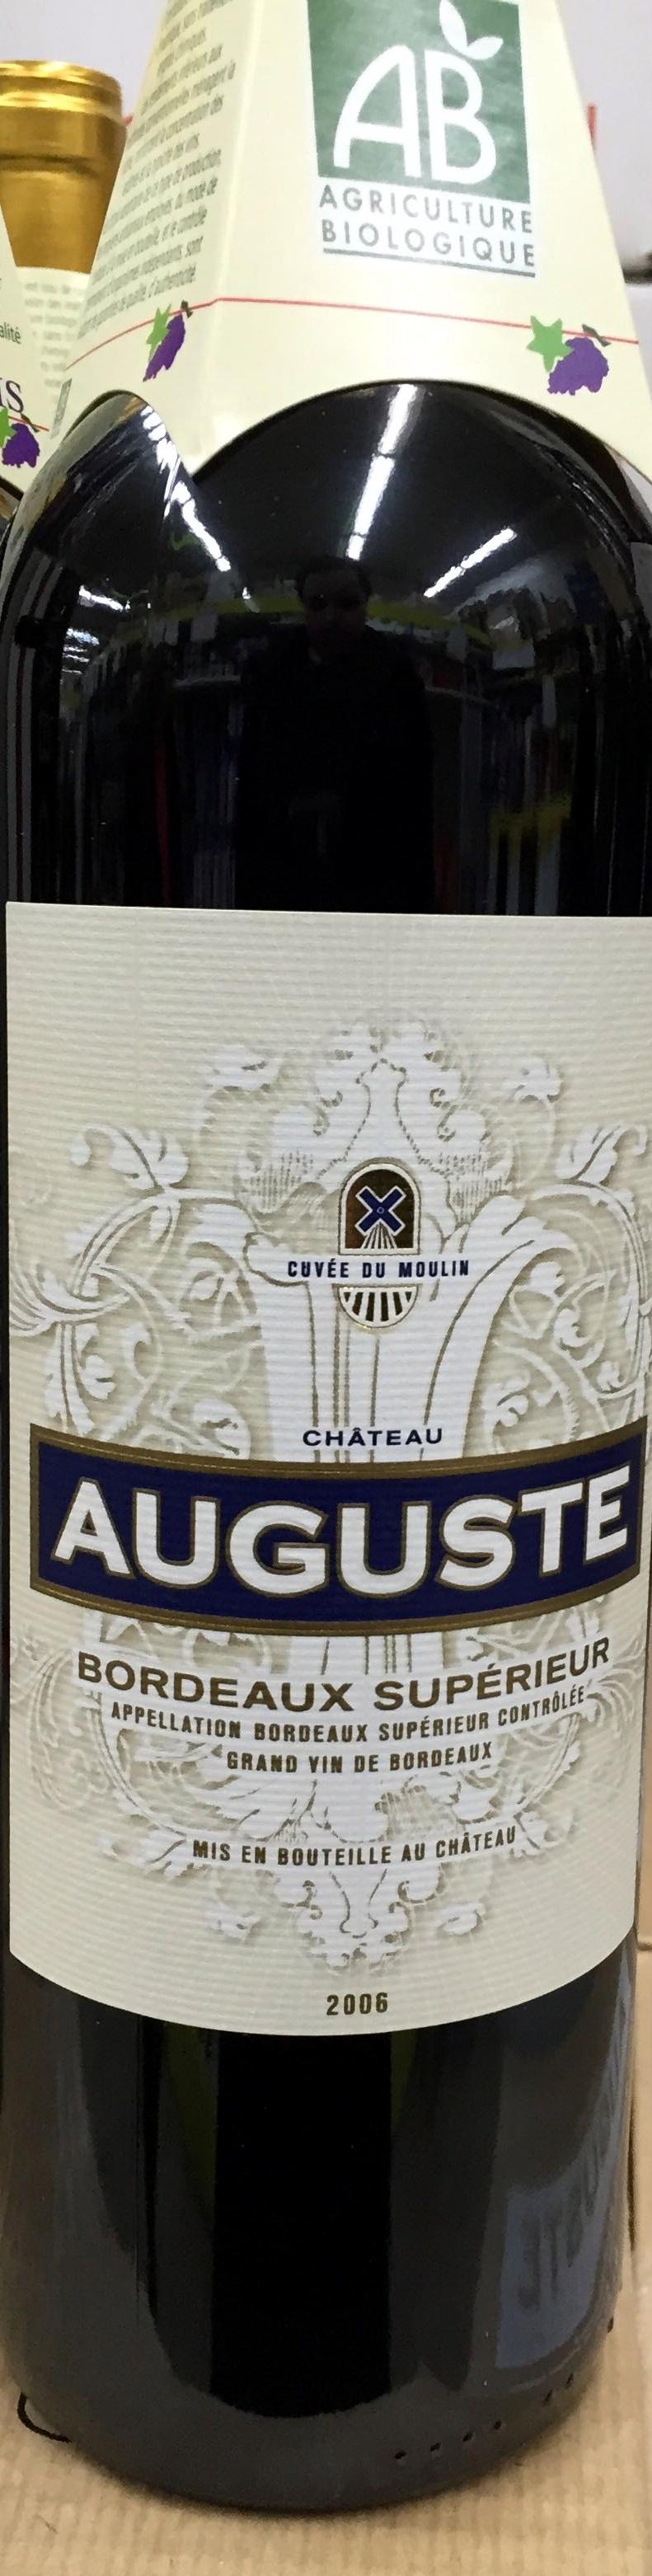 Château Auguste Bordeaux Supérieur 2006 - Product